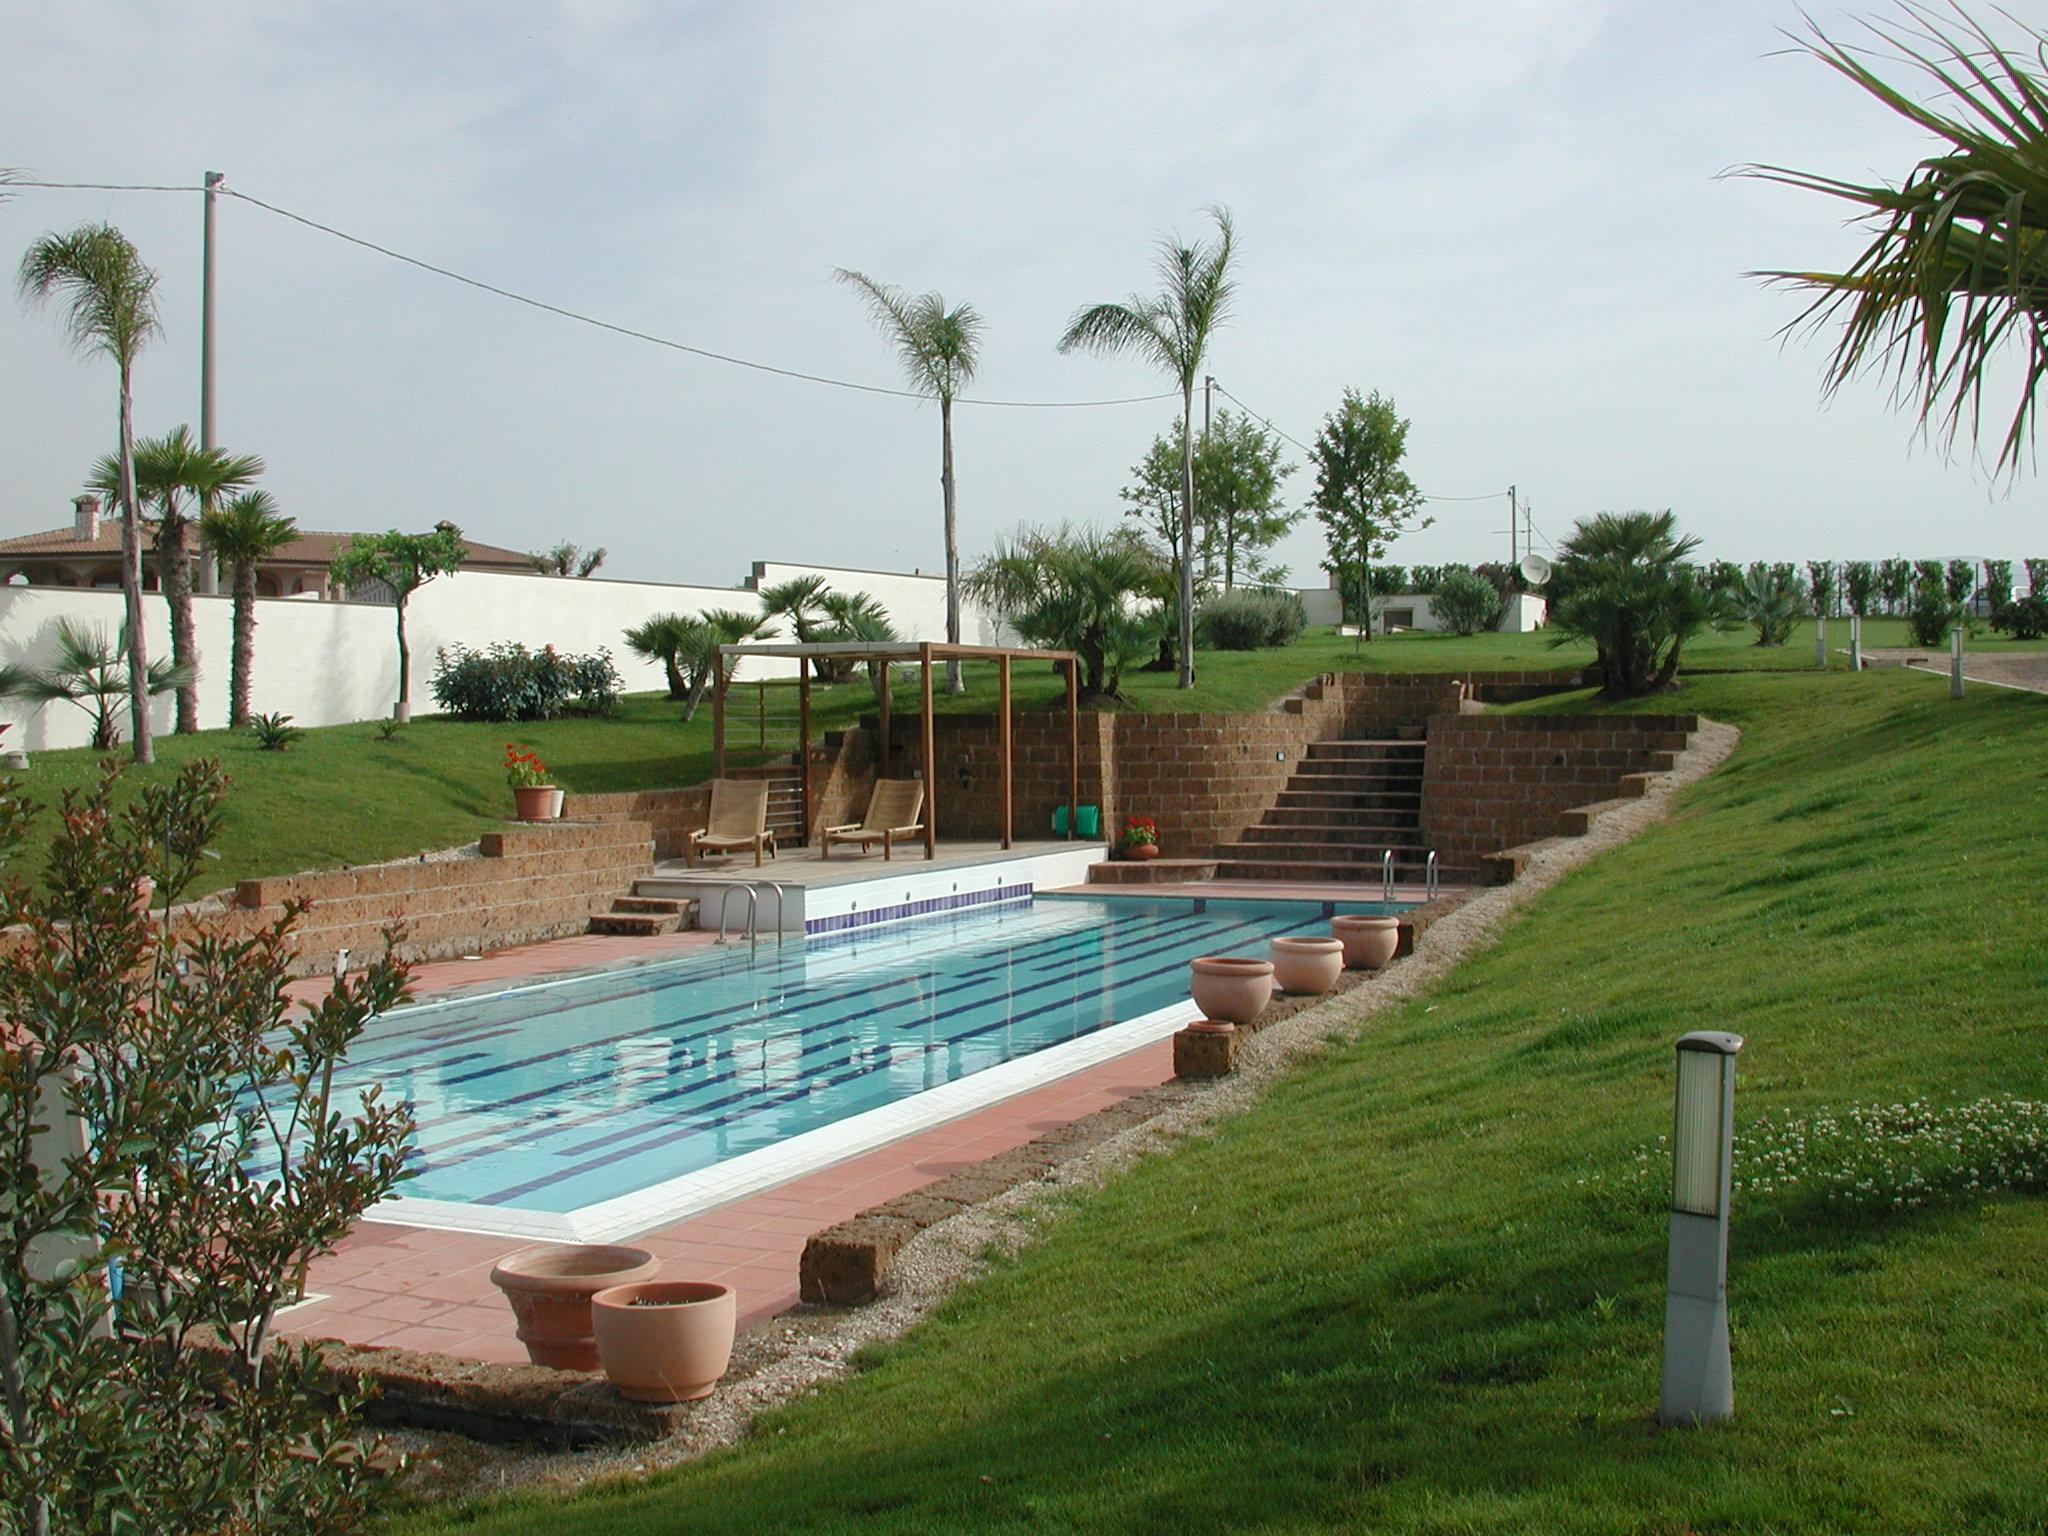 Piscine interrate in cemento la forza della tradizione vendita installazione piscine a roma - Piscina in cemento ...